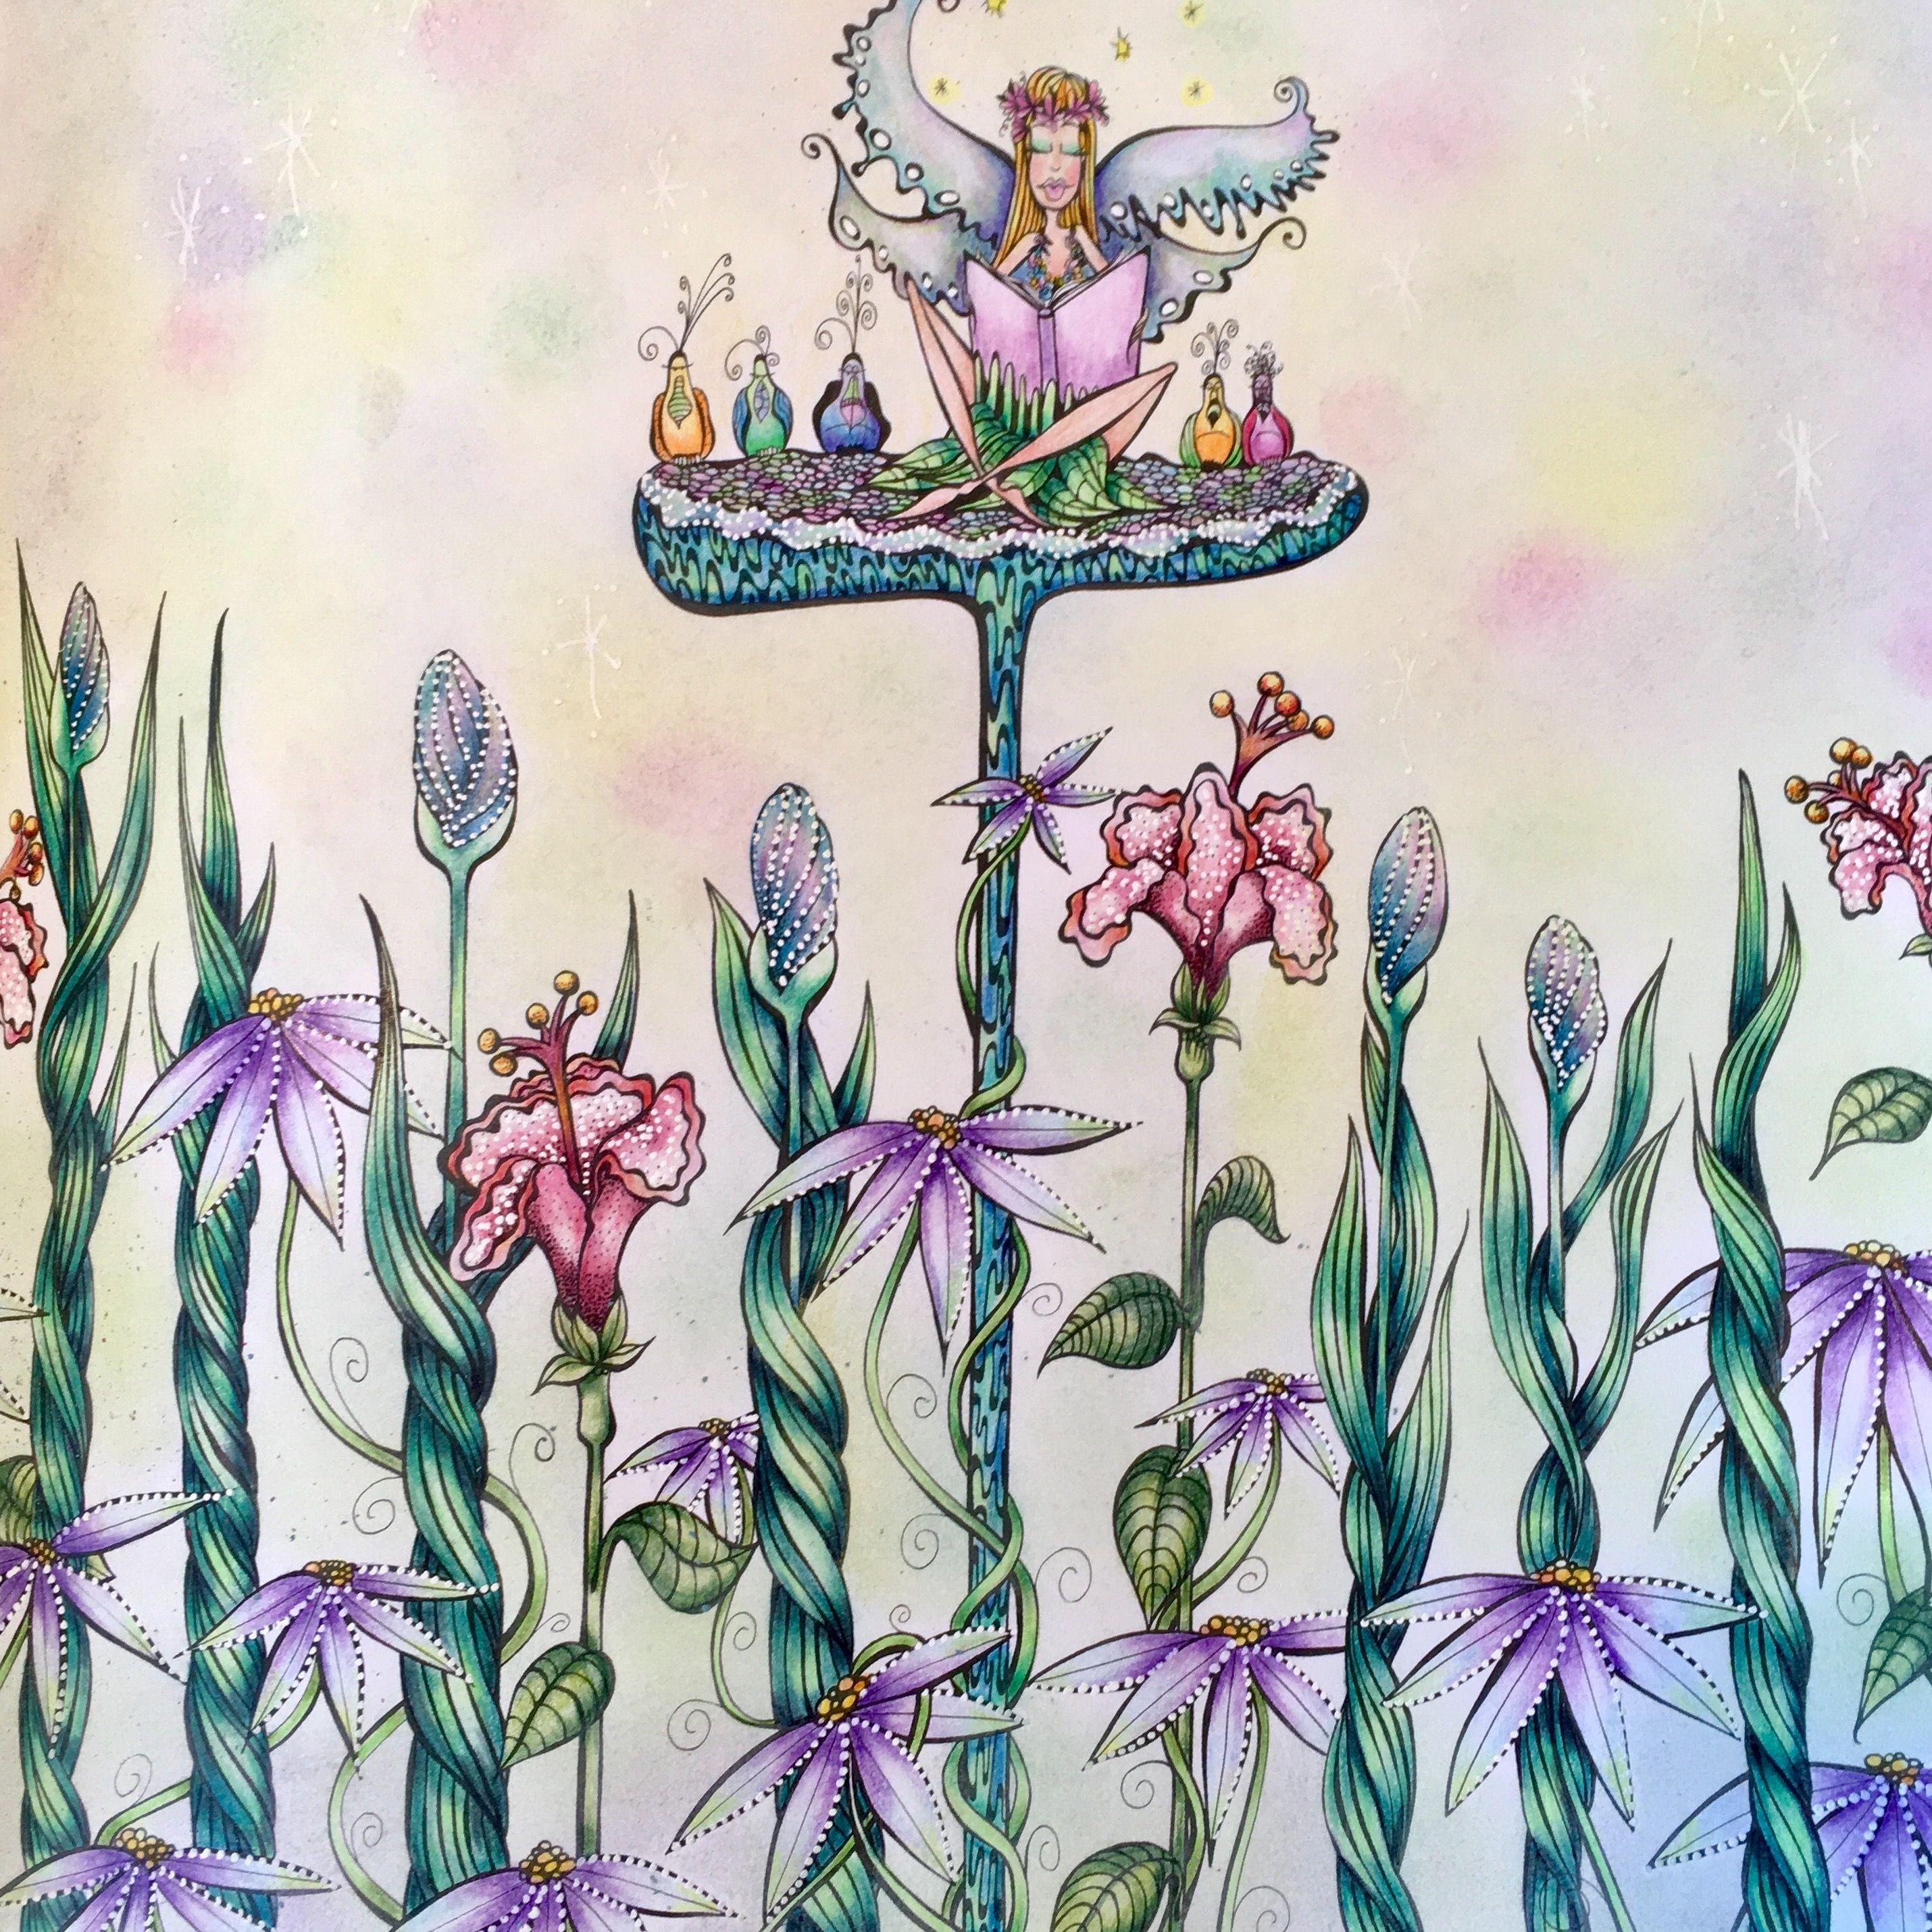 Pin de Coloring Queen en Denyse Klette Coloring Books | Pinterest